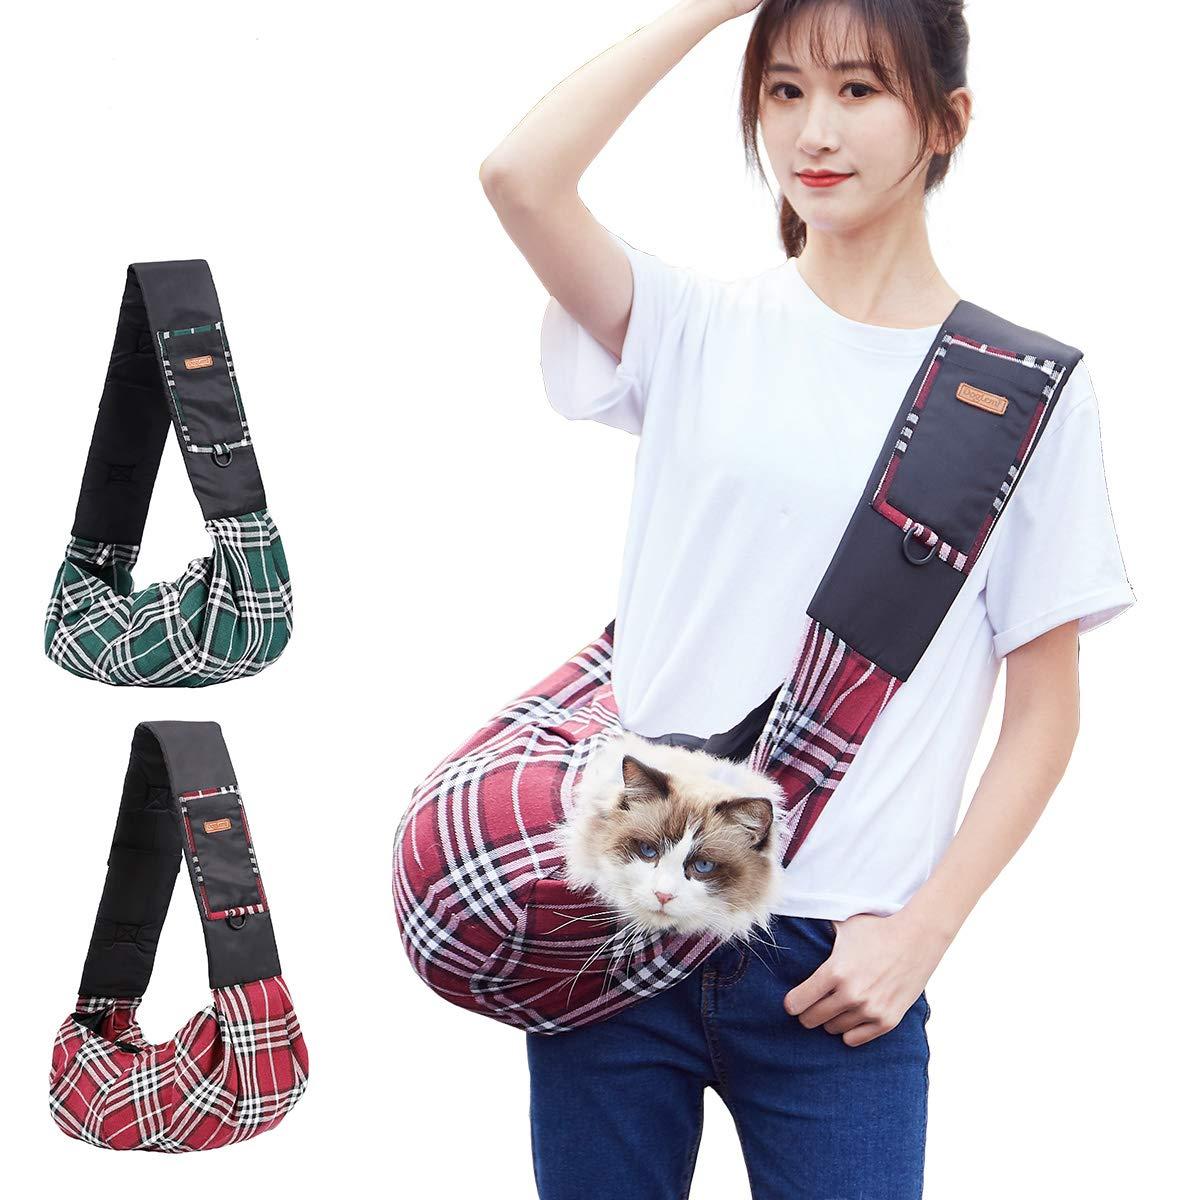 Cani di Piccola Taglia Rosso Chihnuahua Teddy Tineer Pet Sling Bag Classic Checked Design Cane Cat Bag Spalla Pet Carrier per Gattini